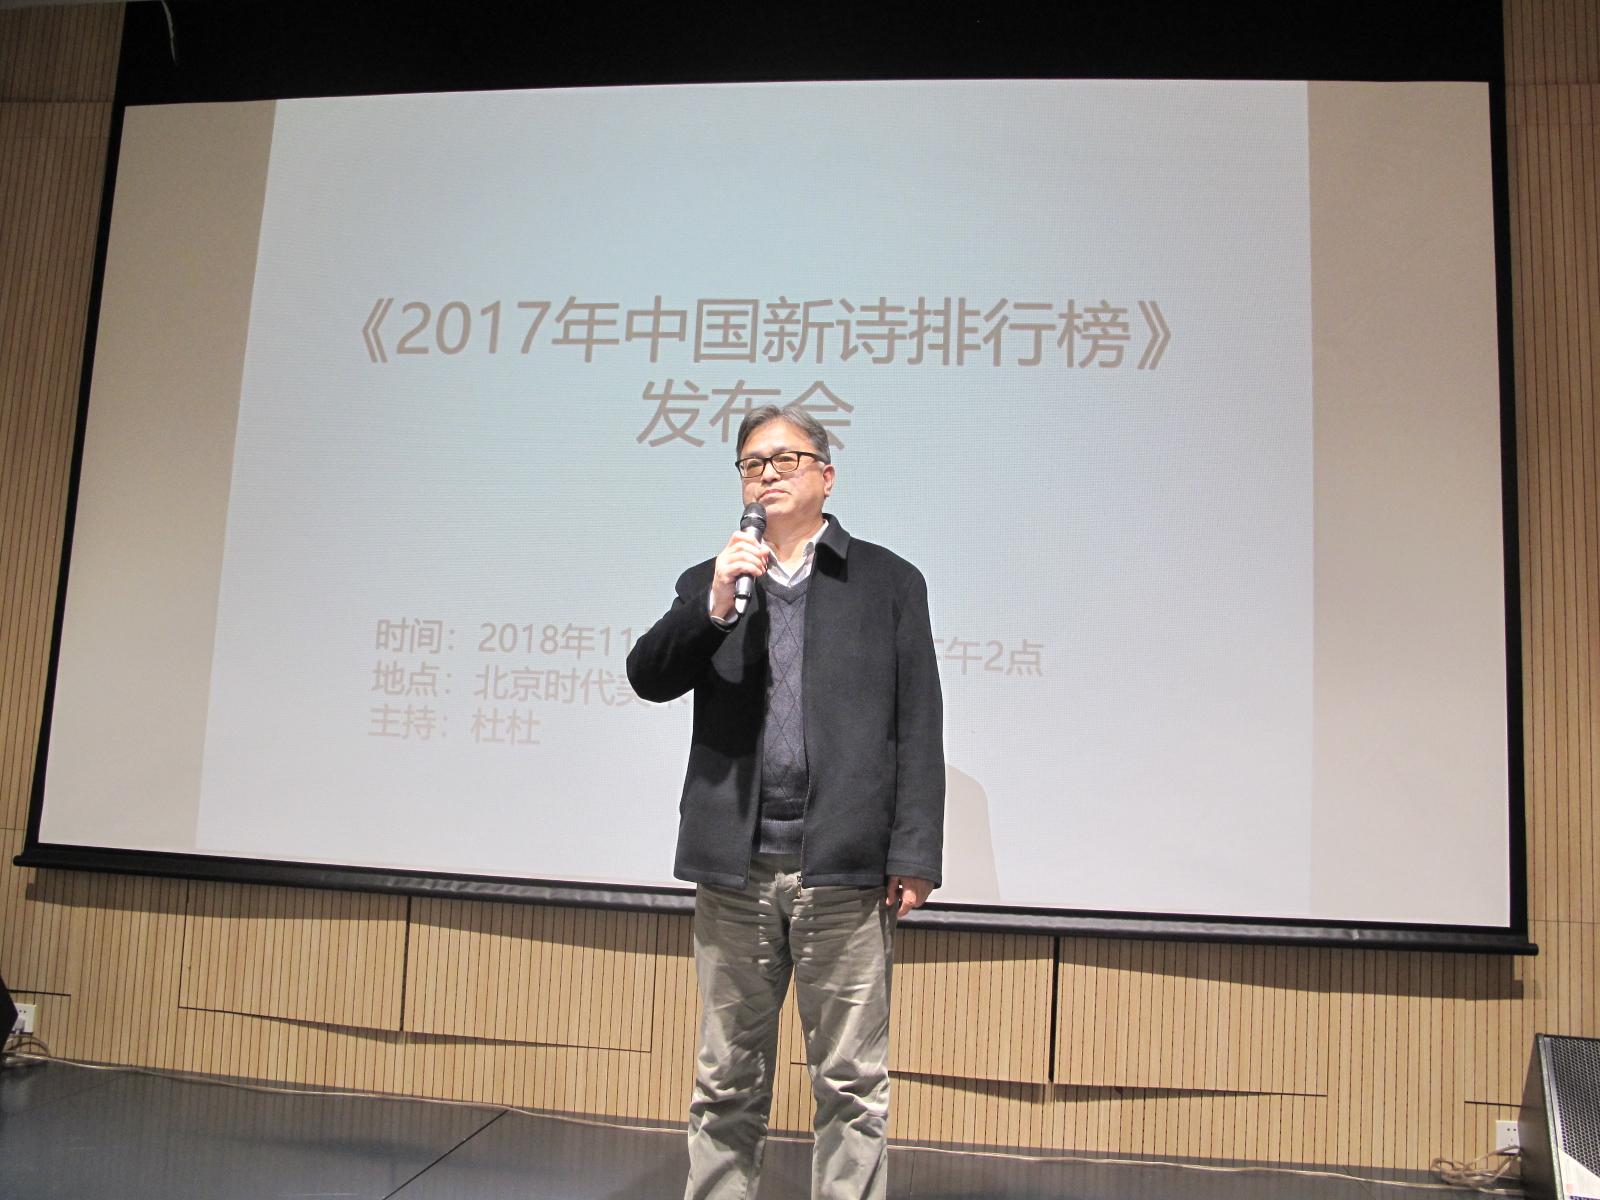 8、《中华辞赋》总编辑石厉在发言.JPG